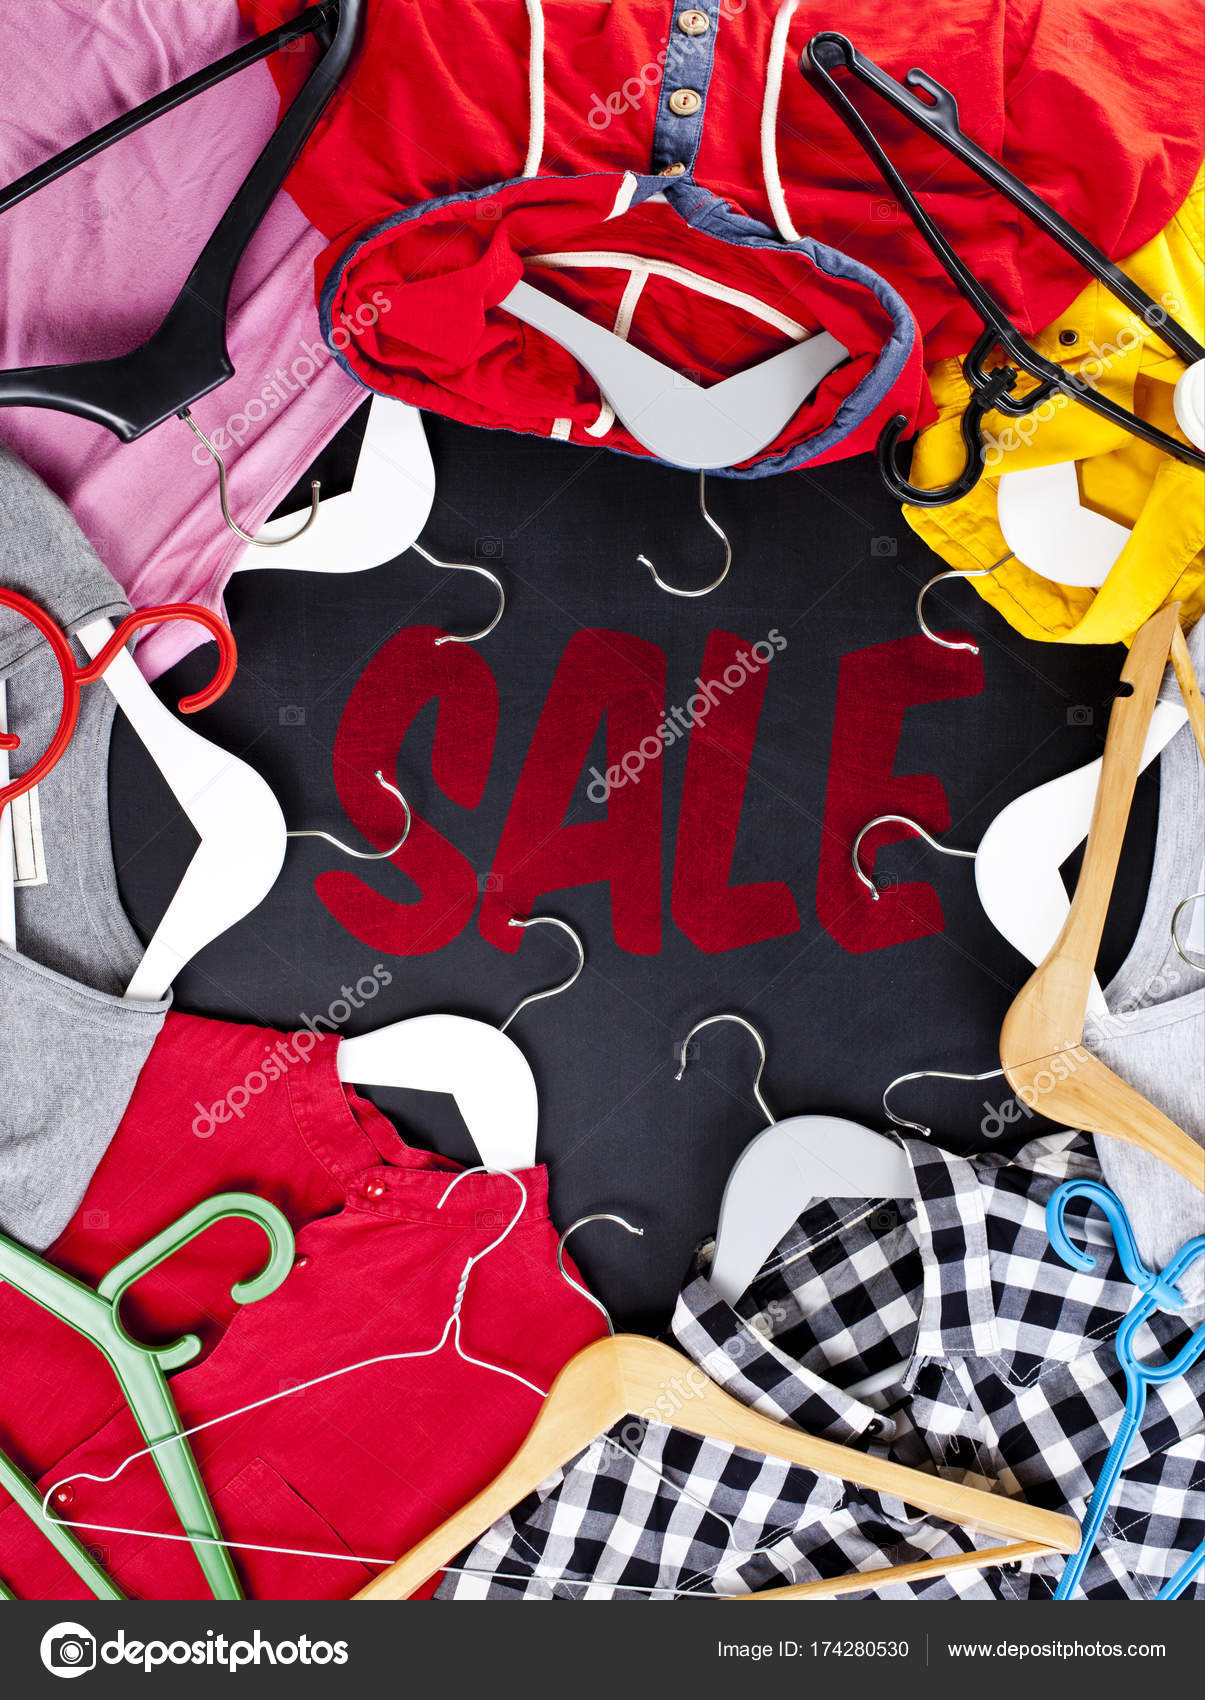 eb0a97c0b Negro viernes compra venta concepto con etiqueta roja de venta y ropa —  Fotos de Stock